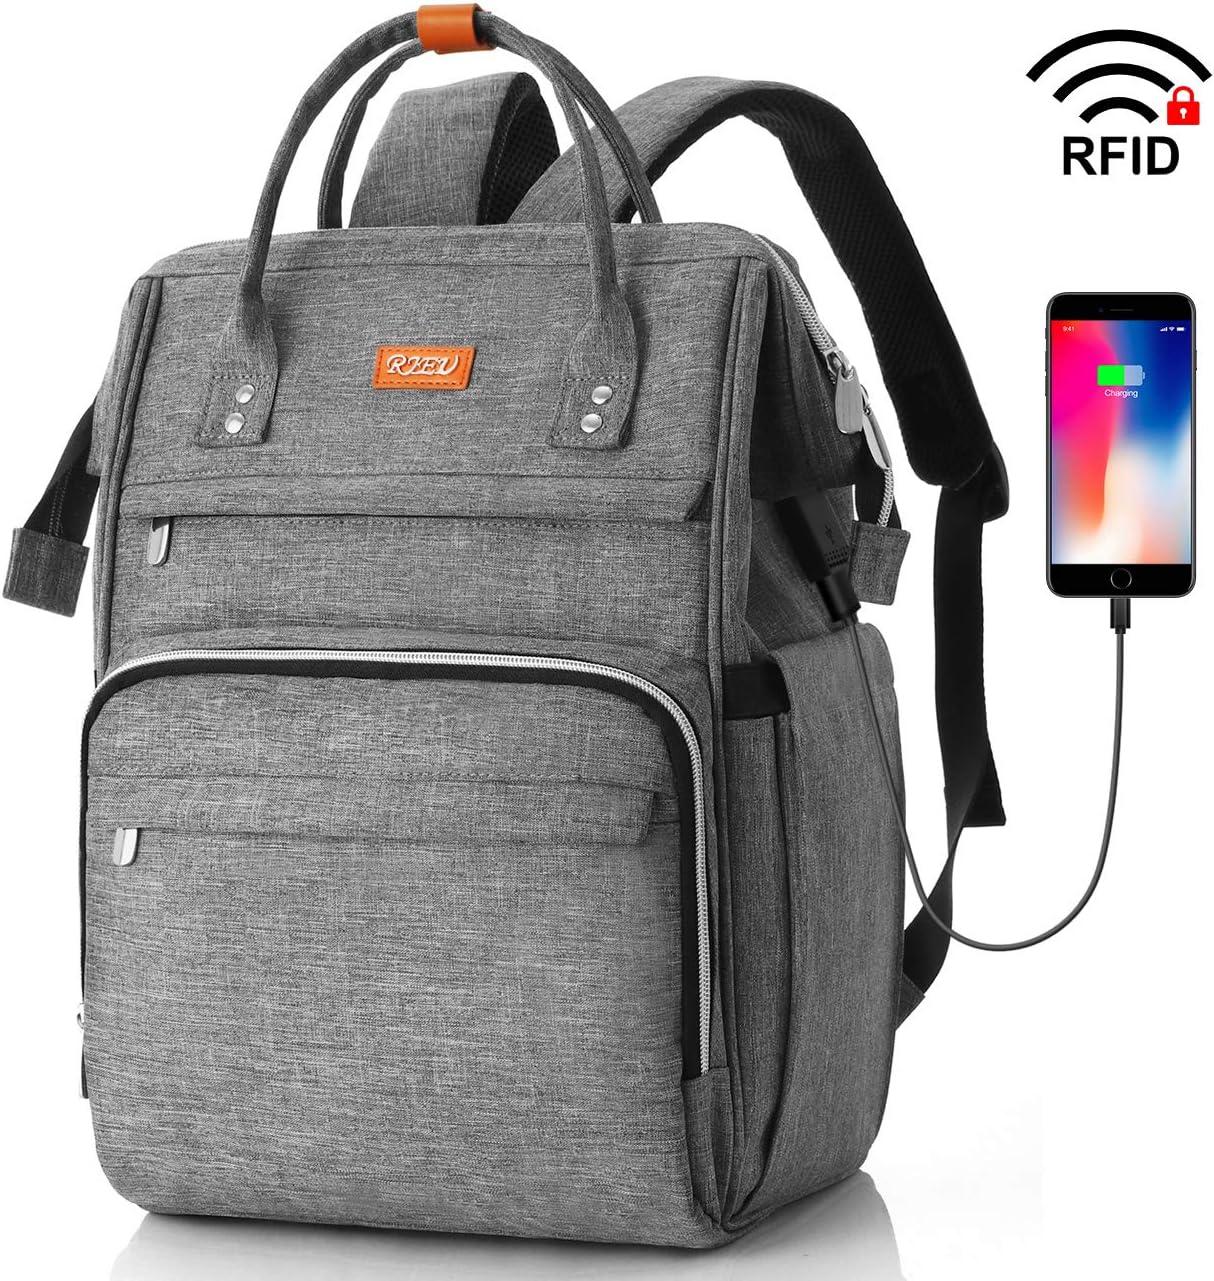 Mochila Escolar para Mujeres,Mochila para Portatil Impermeable para Jóvenes con Bolsillo RFID, Bolsos Casuales para la Universidad/Negocios/Viajes(Gris)